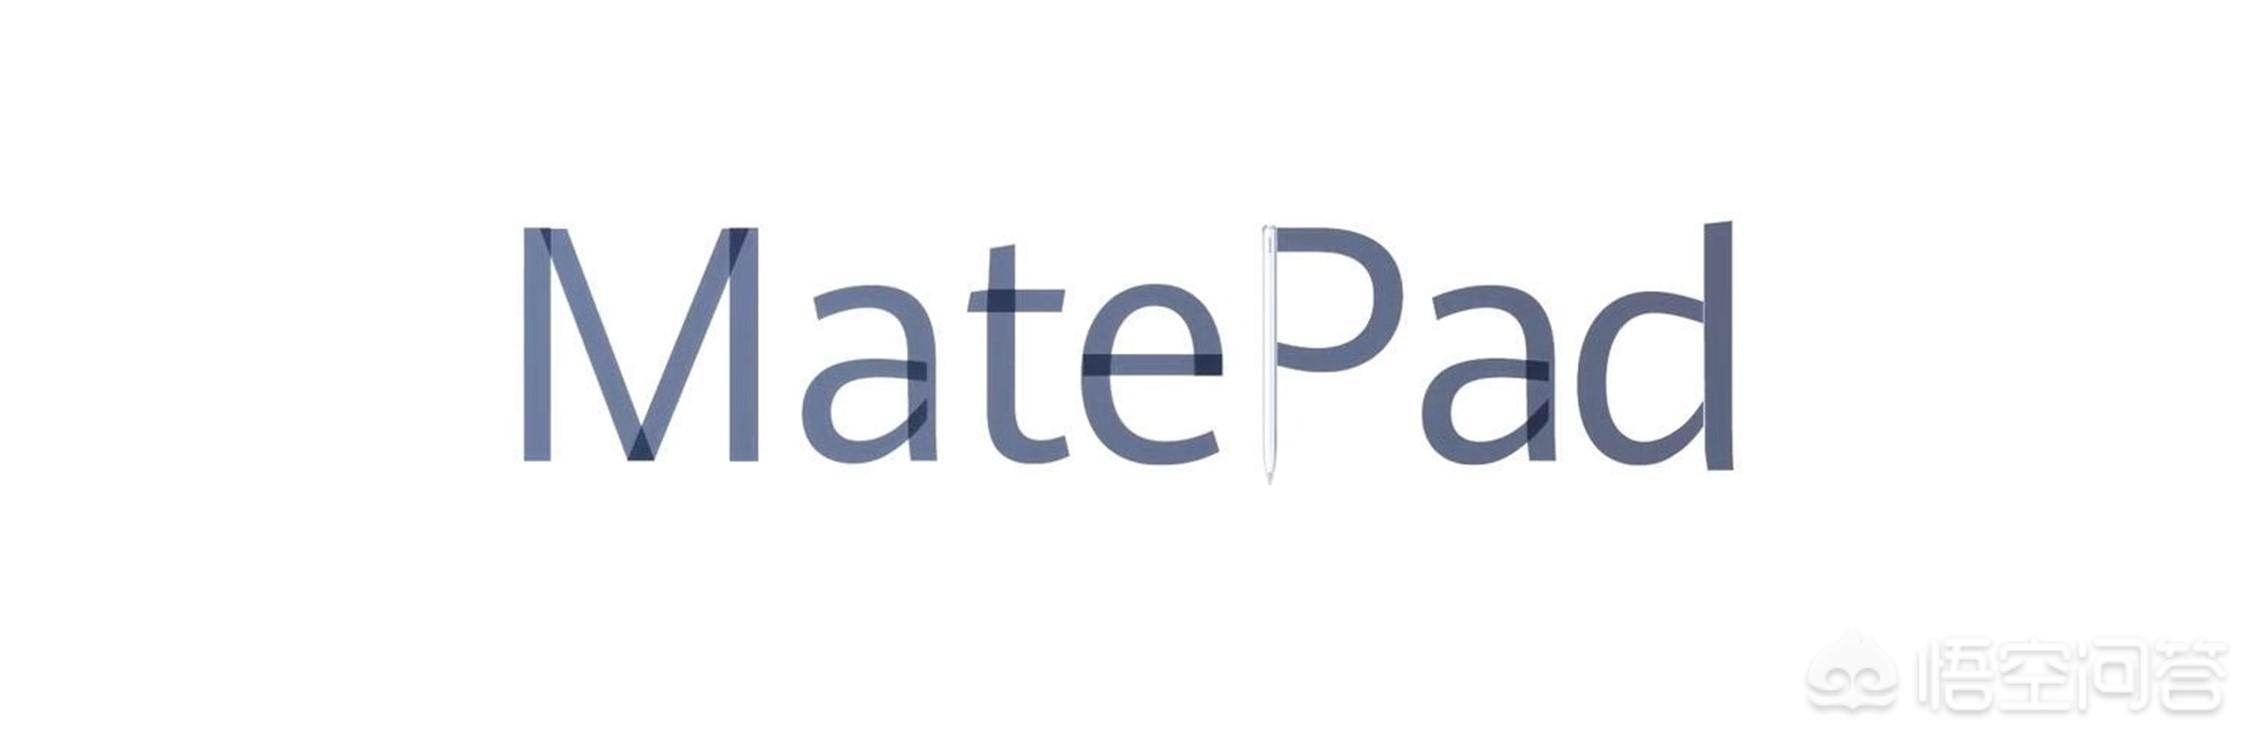 华为MatePad正式亮相,采用超窄边框设计,能与iPad Pro正面刚吗?